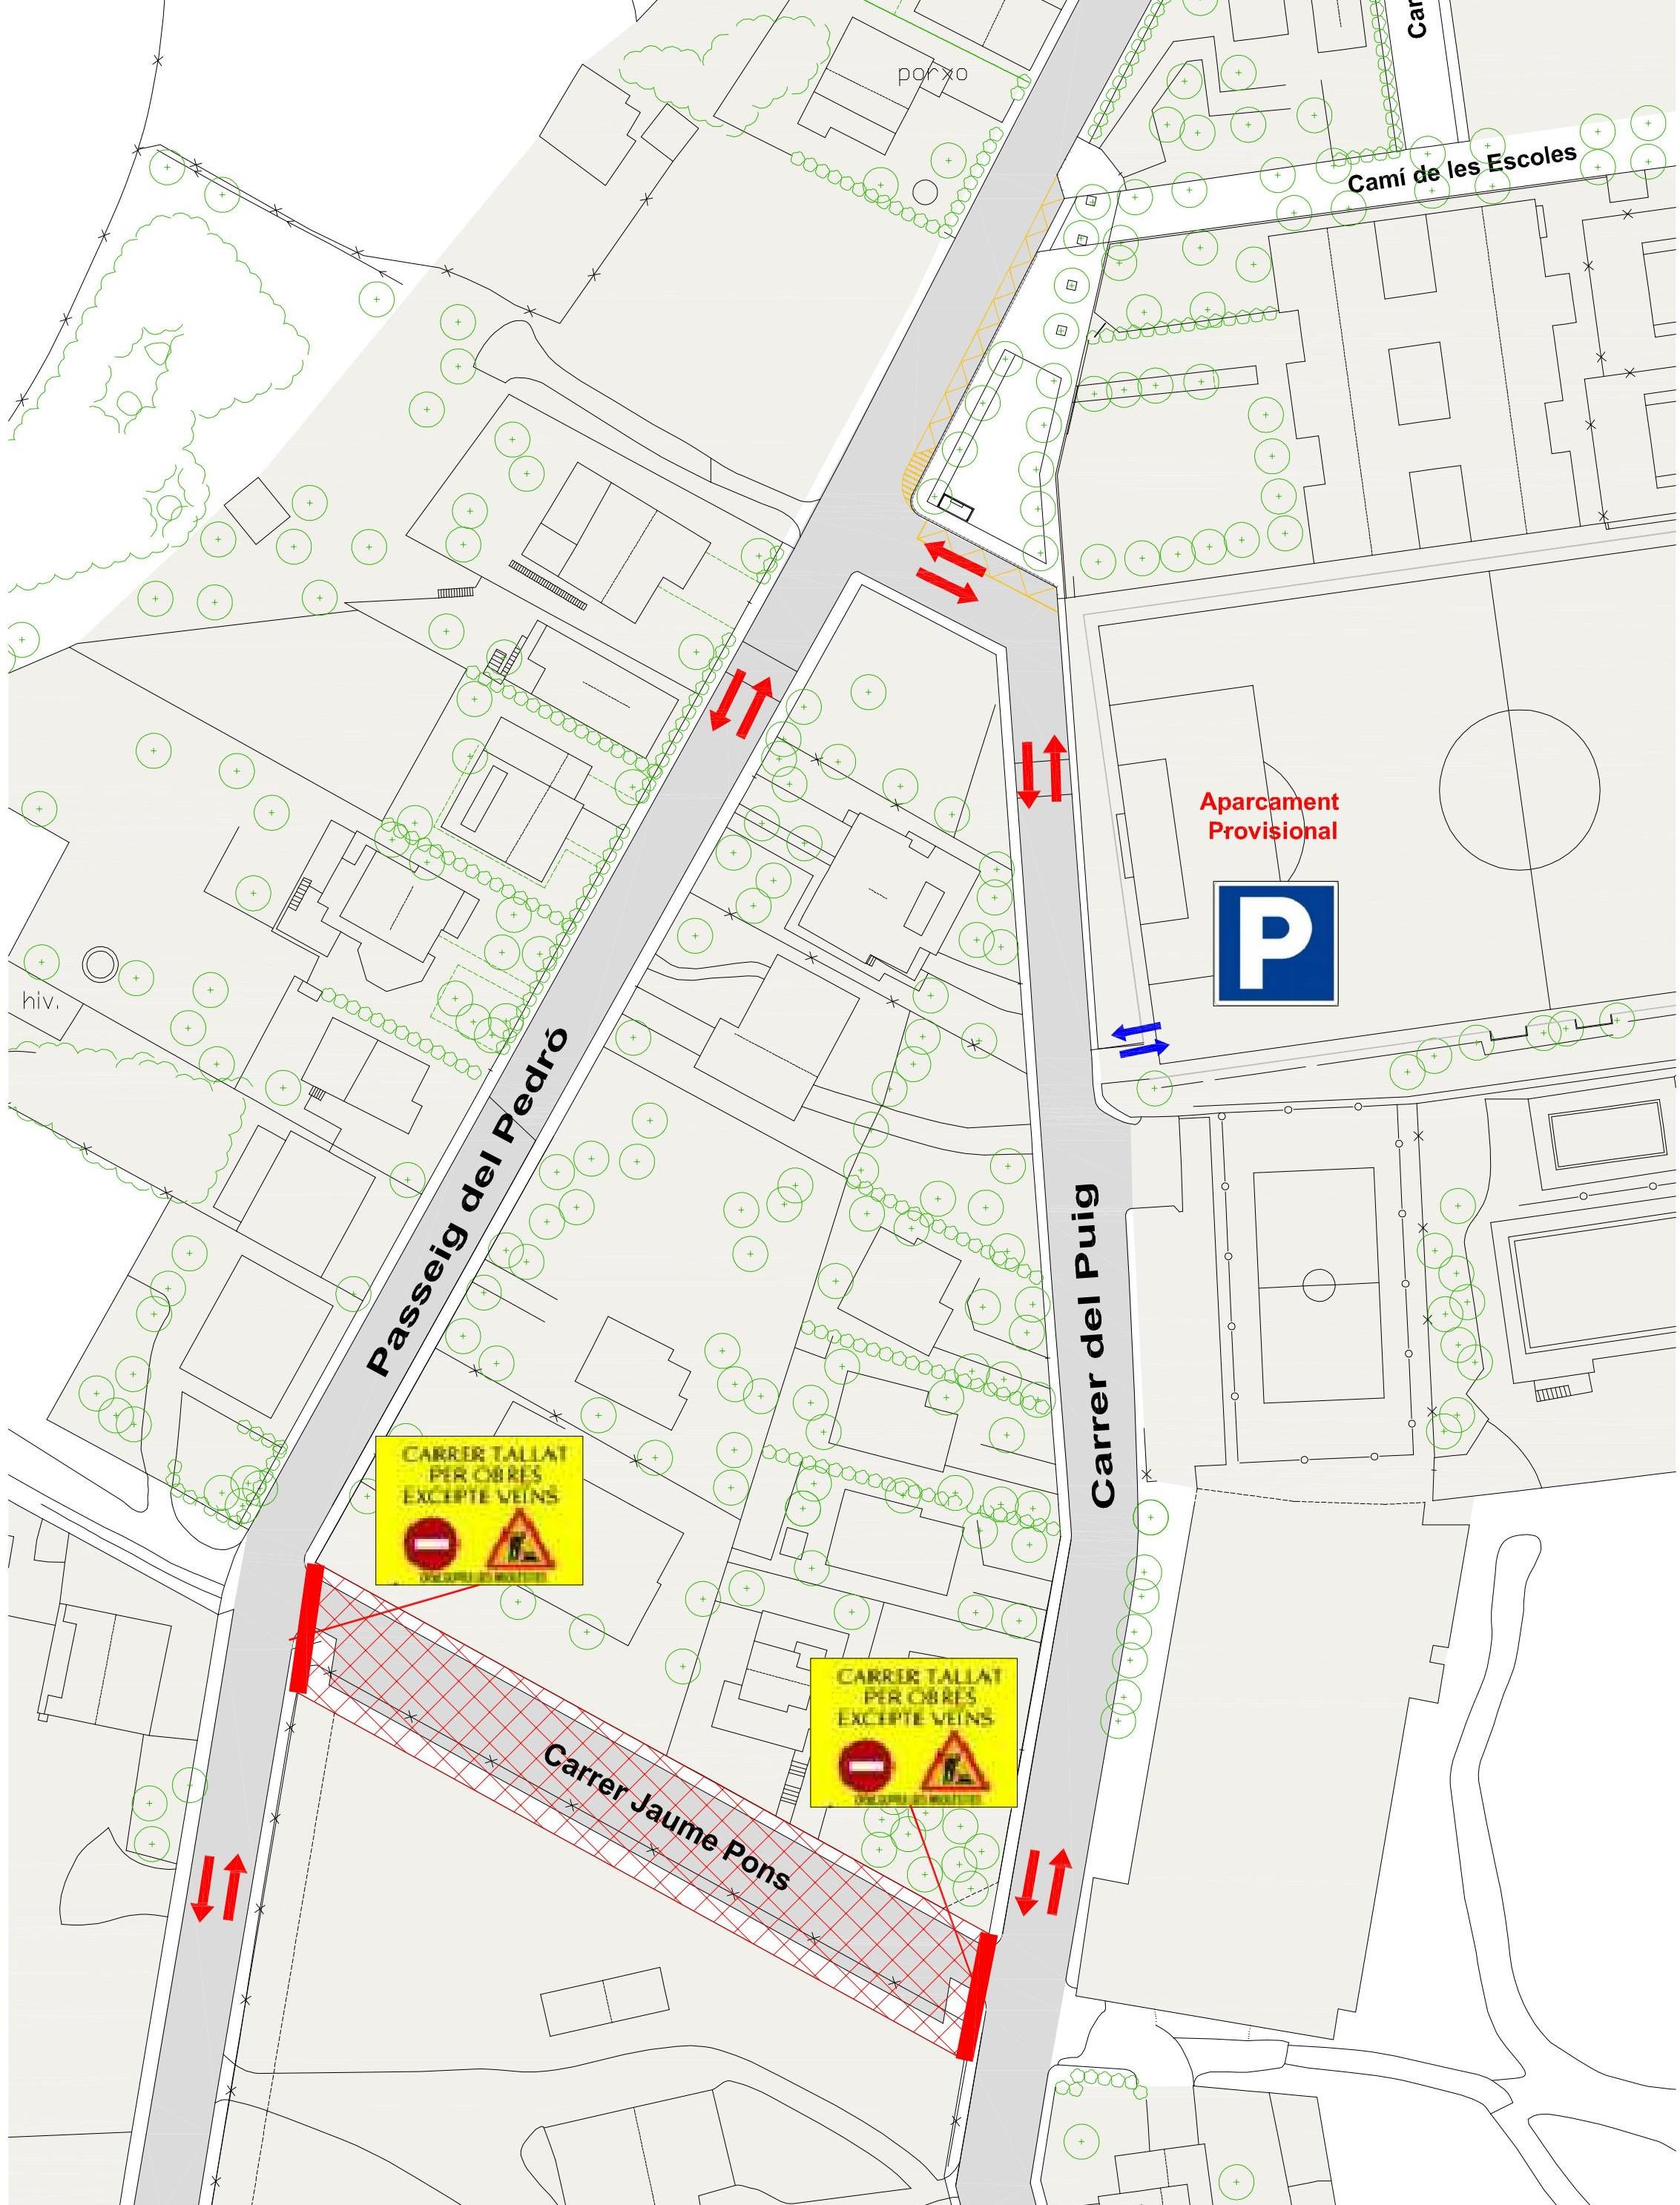 Obres d'urbanització C/ Jaume Pons